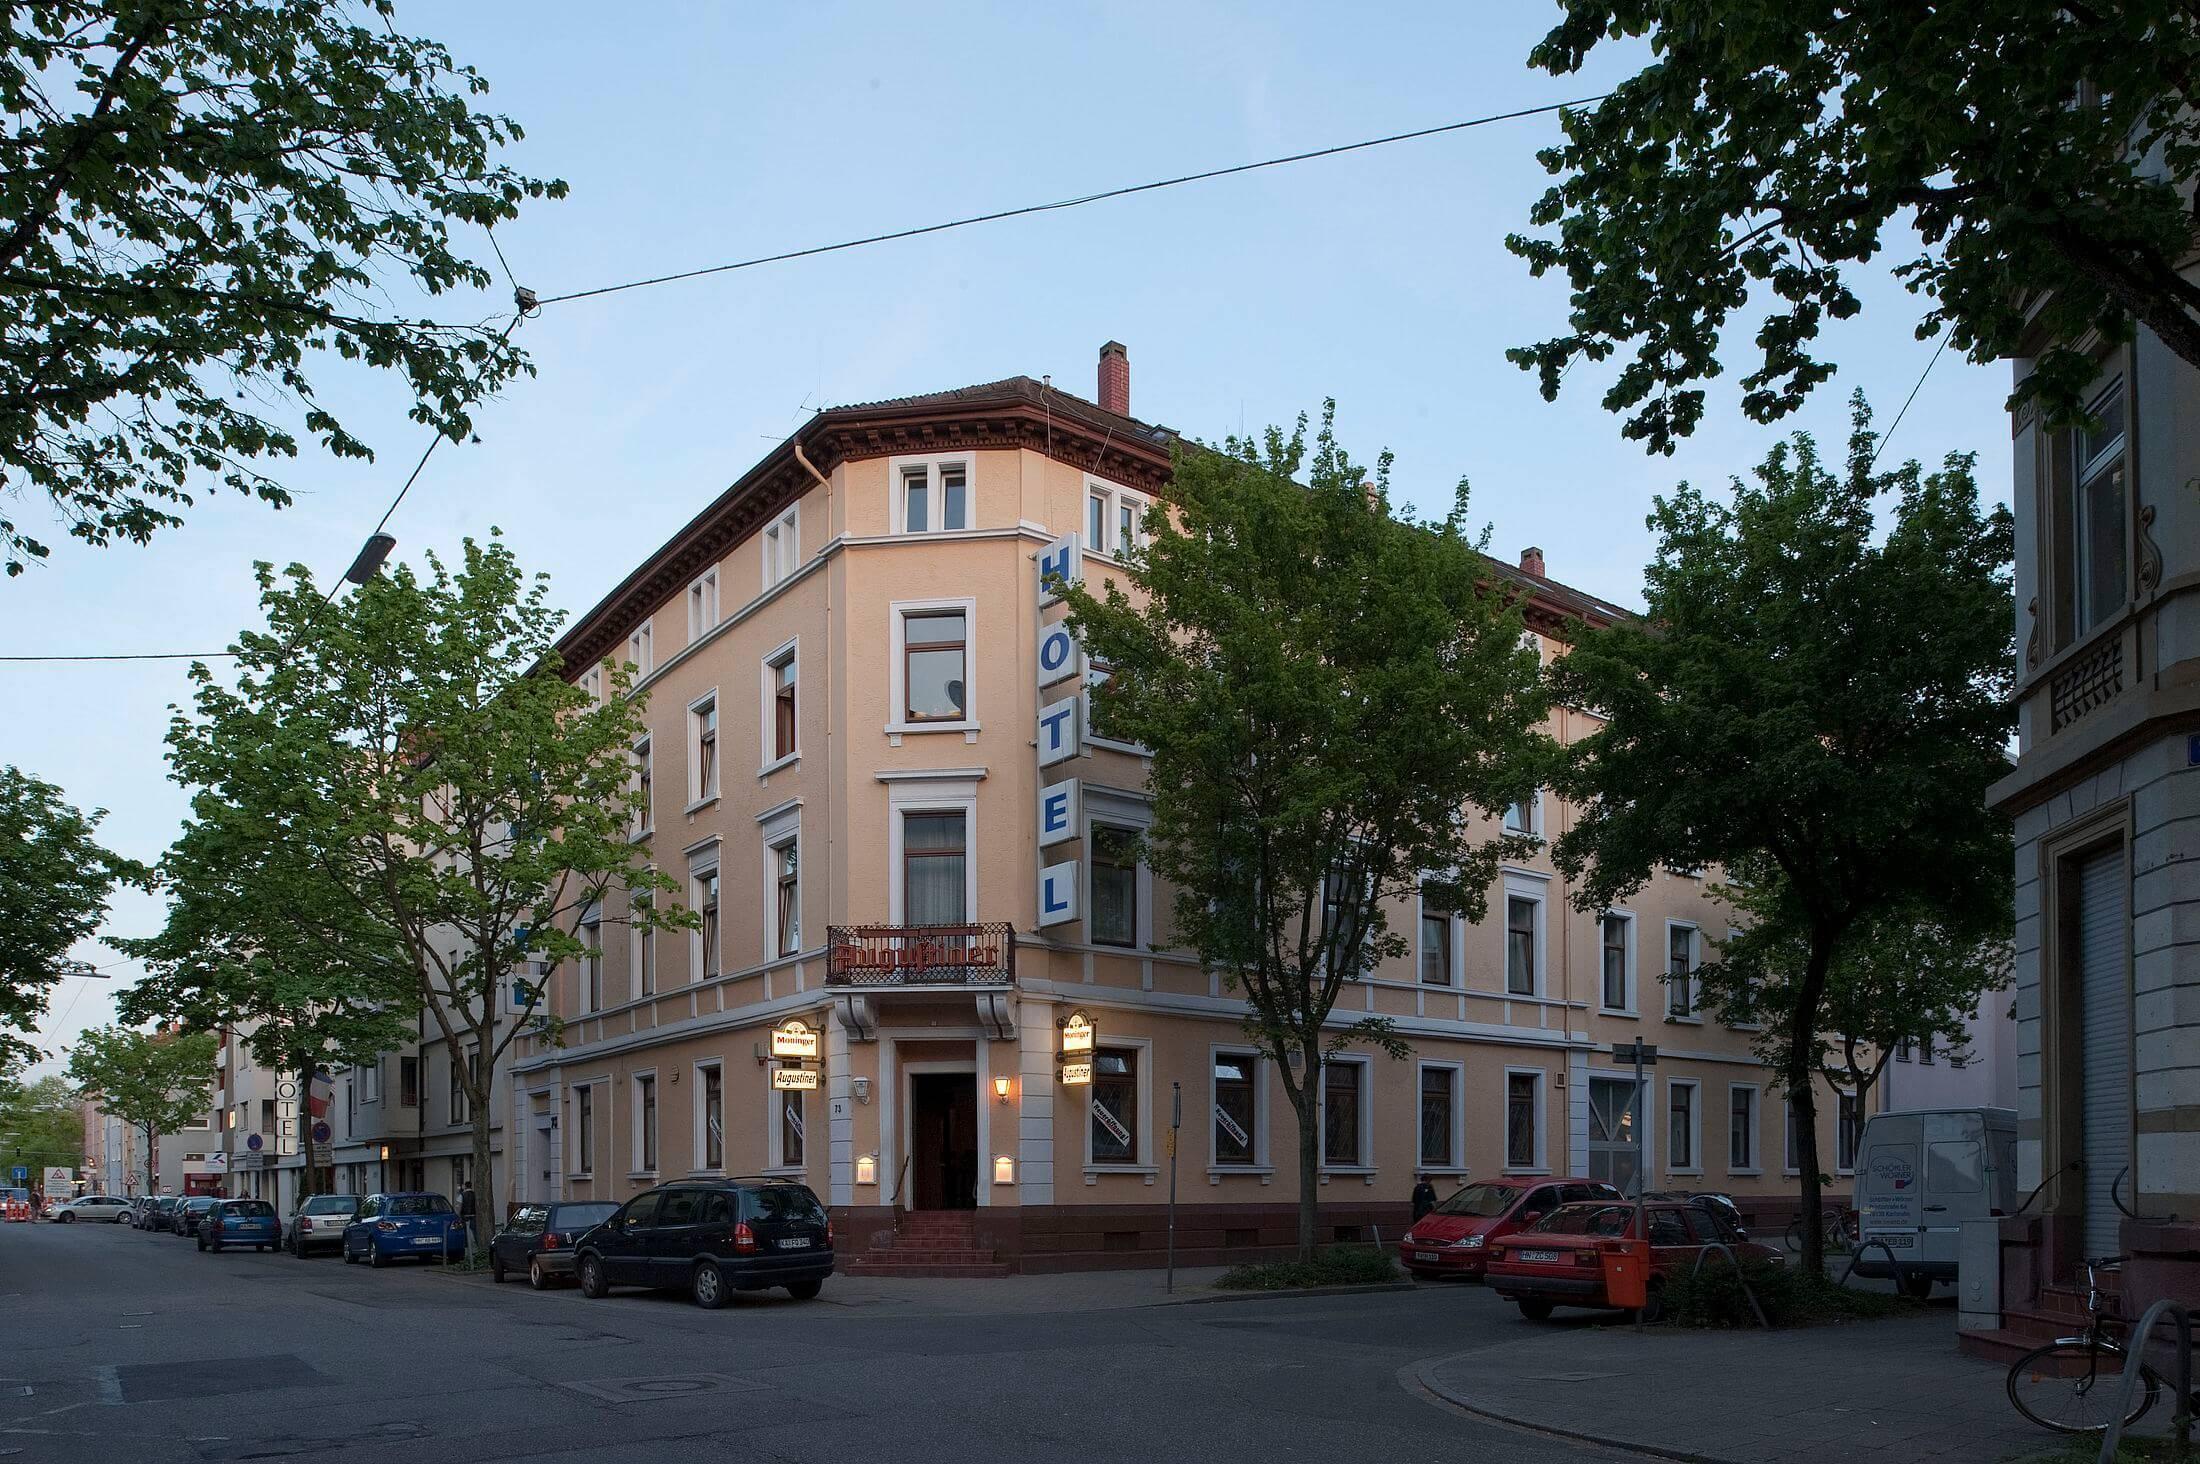 Außenaufnahme Hotel Augustiner